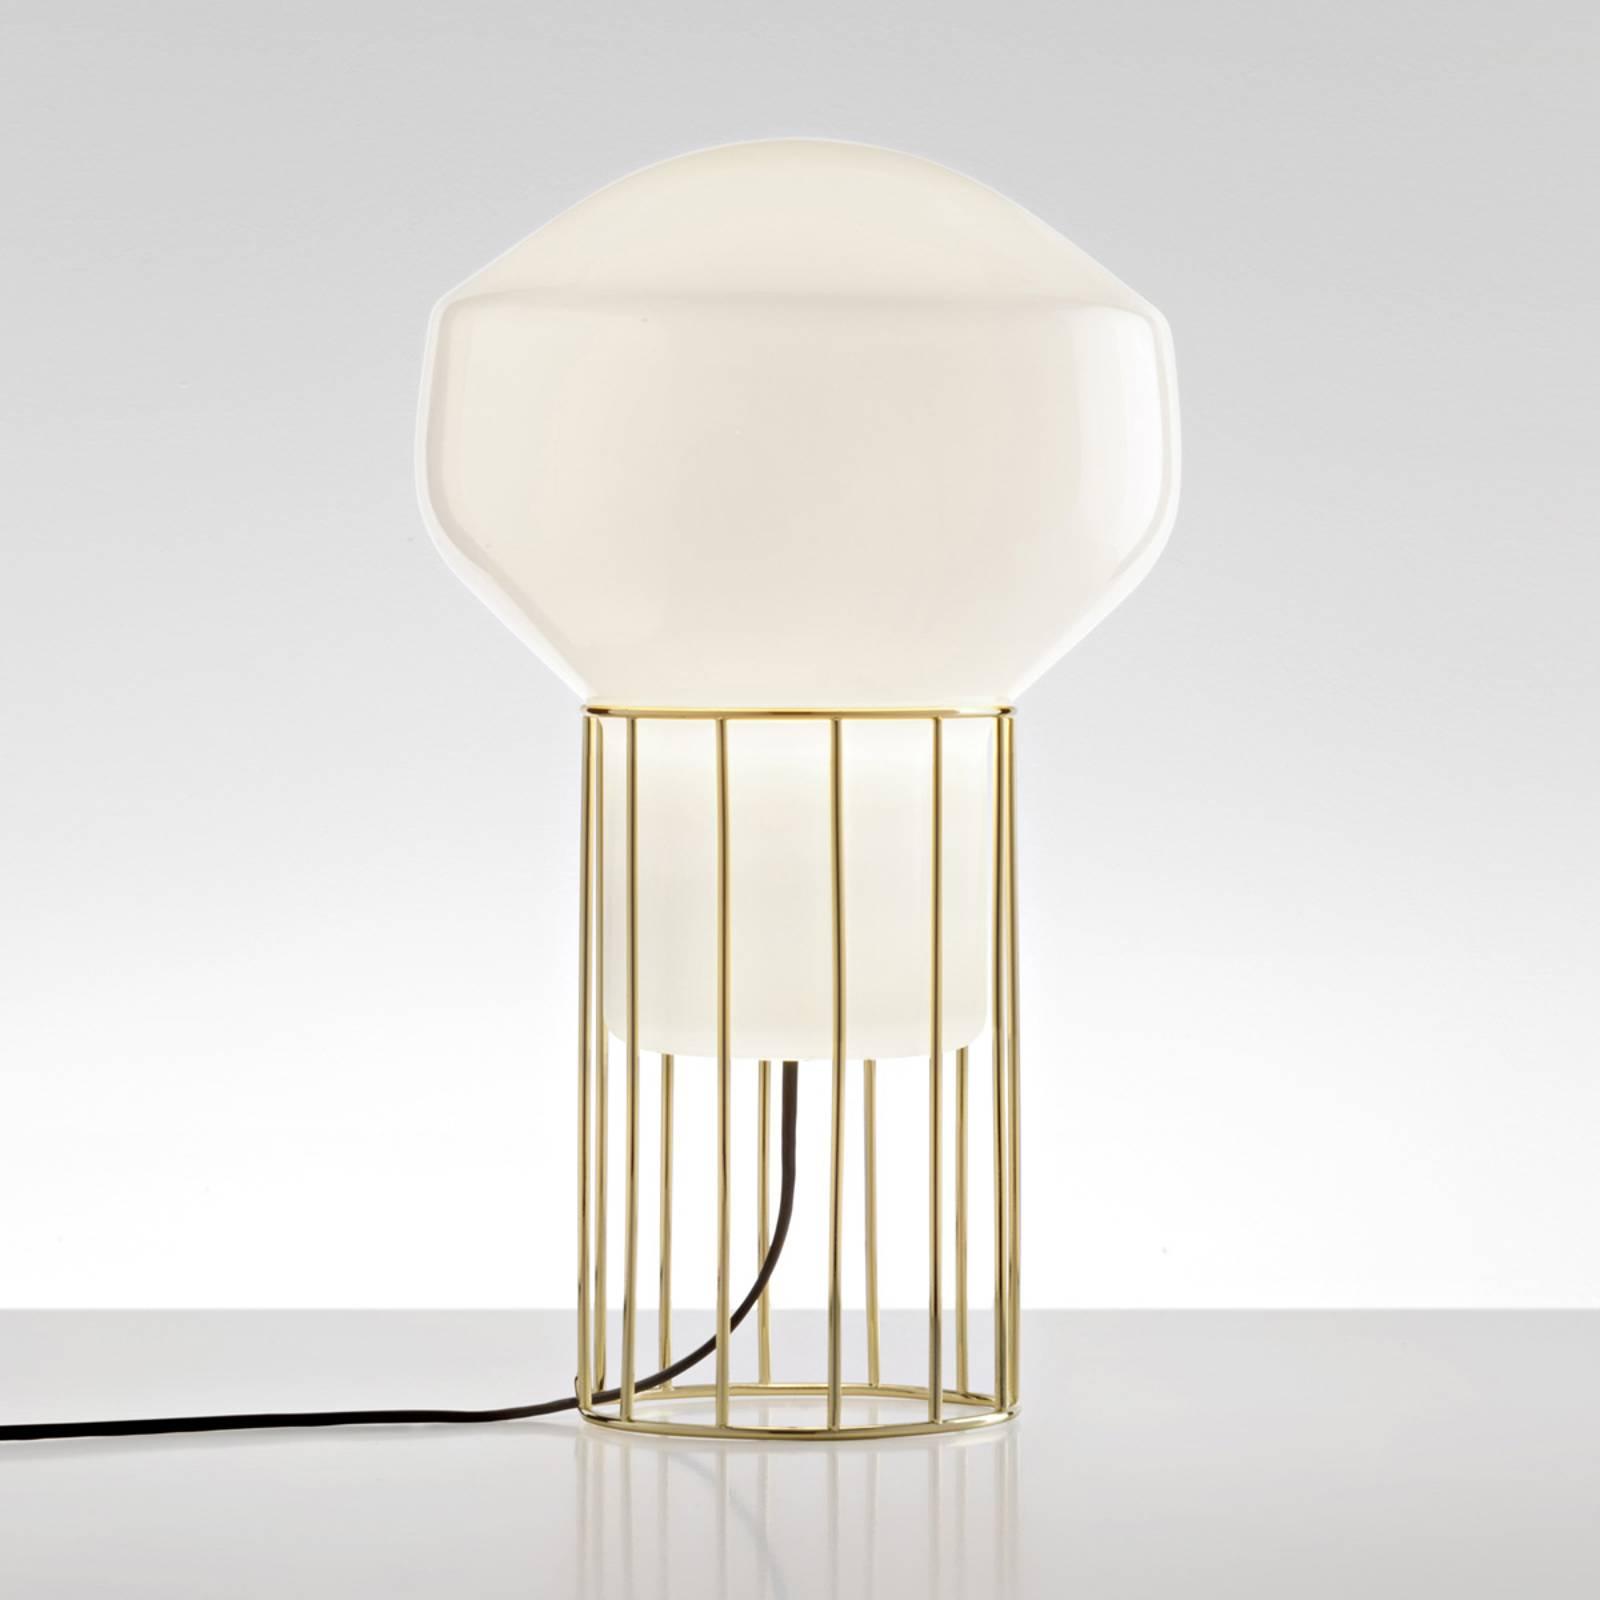 Lampe à poser design Aérostat, pied laiton, 23cm